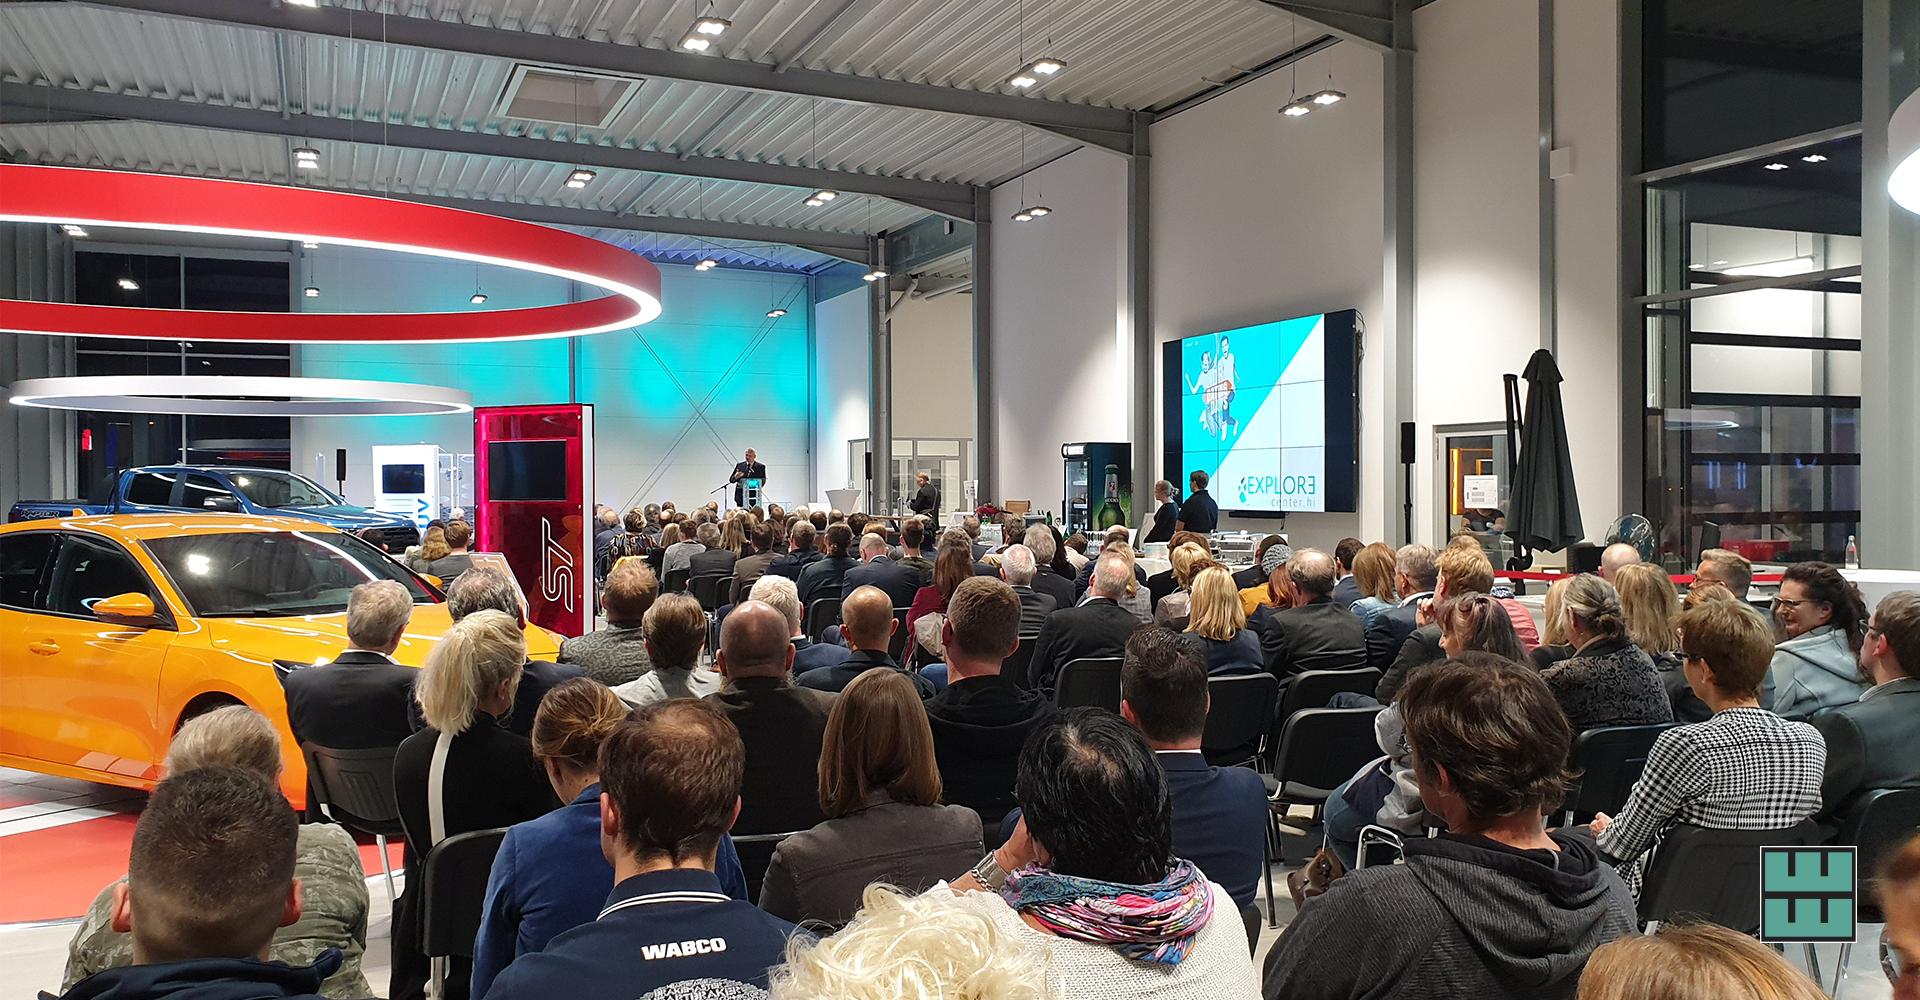 Mietmöbel für die Jobdatingdays in Alfeld Ford Delligsen Leinebergland Björn Thümler Niedersachsen Minister Wissenschaft & Kultur